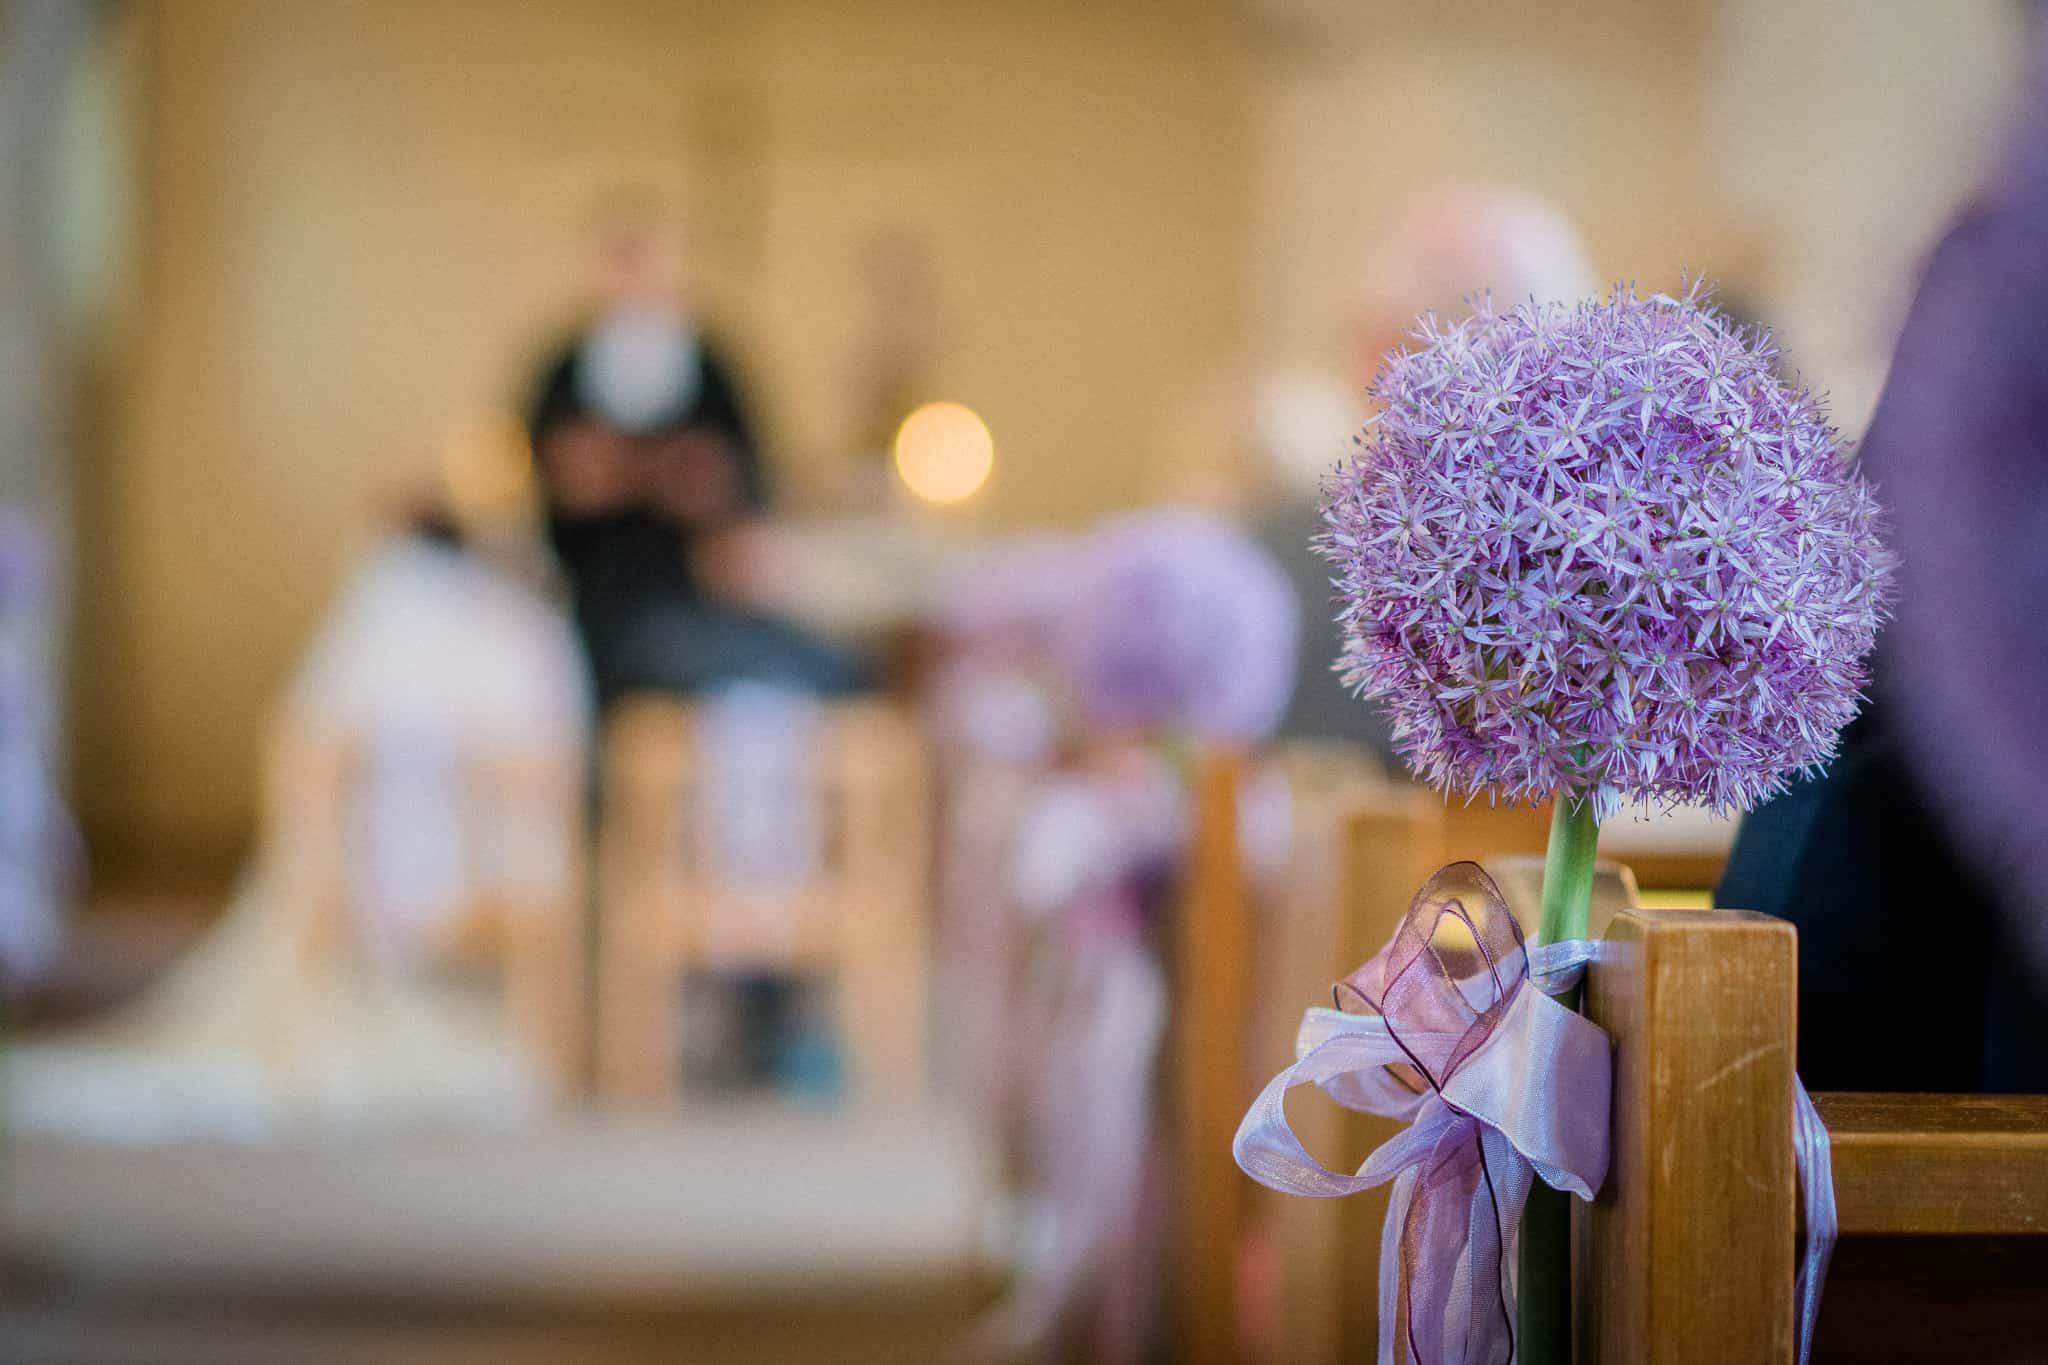 Fotoalbum_Fotograf_Hochzeit_Blumen_Braut_strauss_Janweber_Alzey_Mainz_Frankfurt